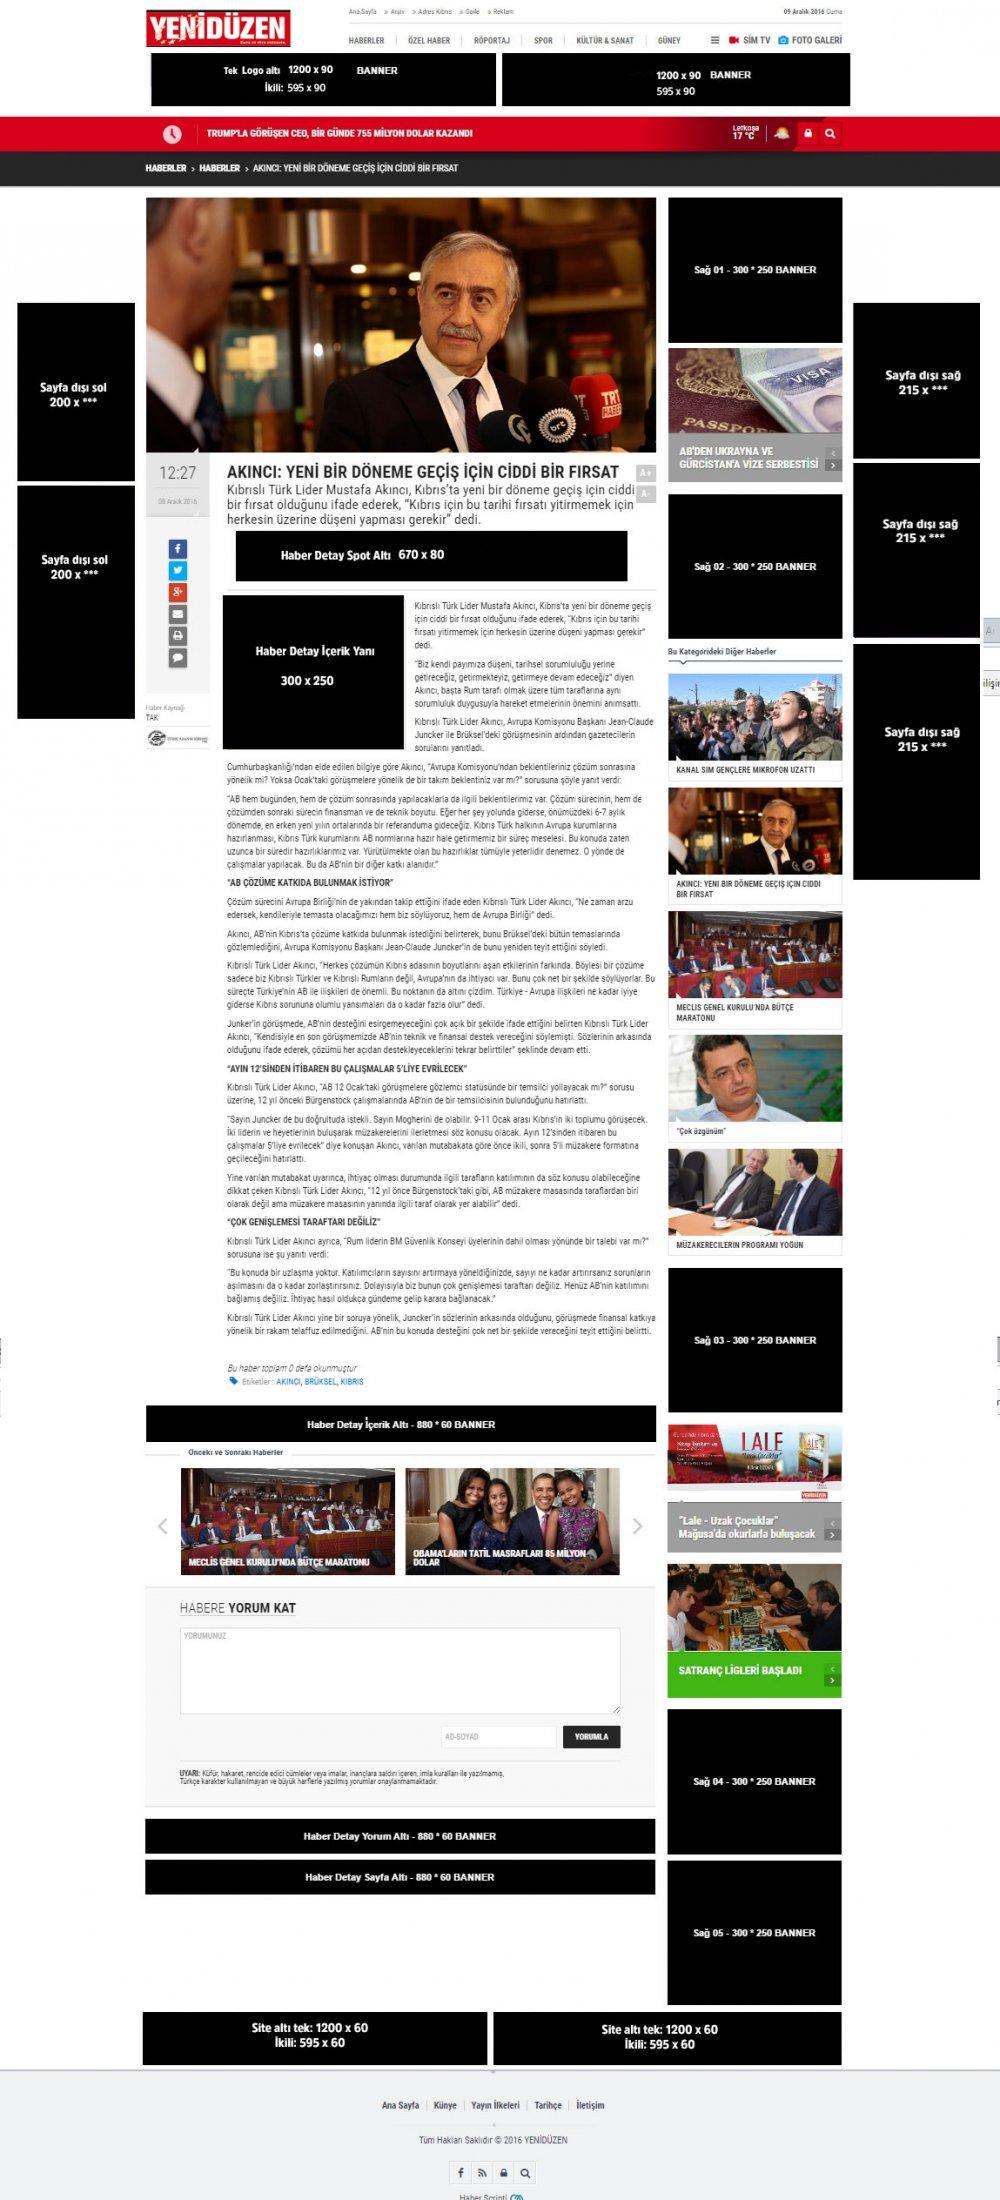 haber-detay-sayfa-reklam-alanlari.jpg